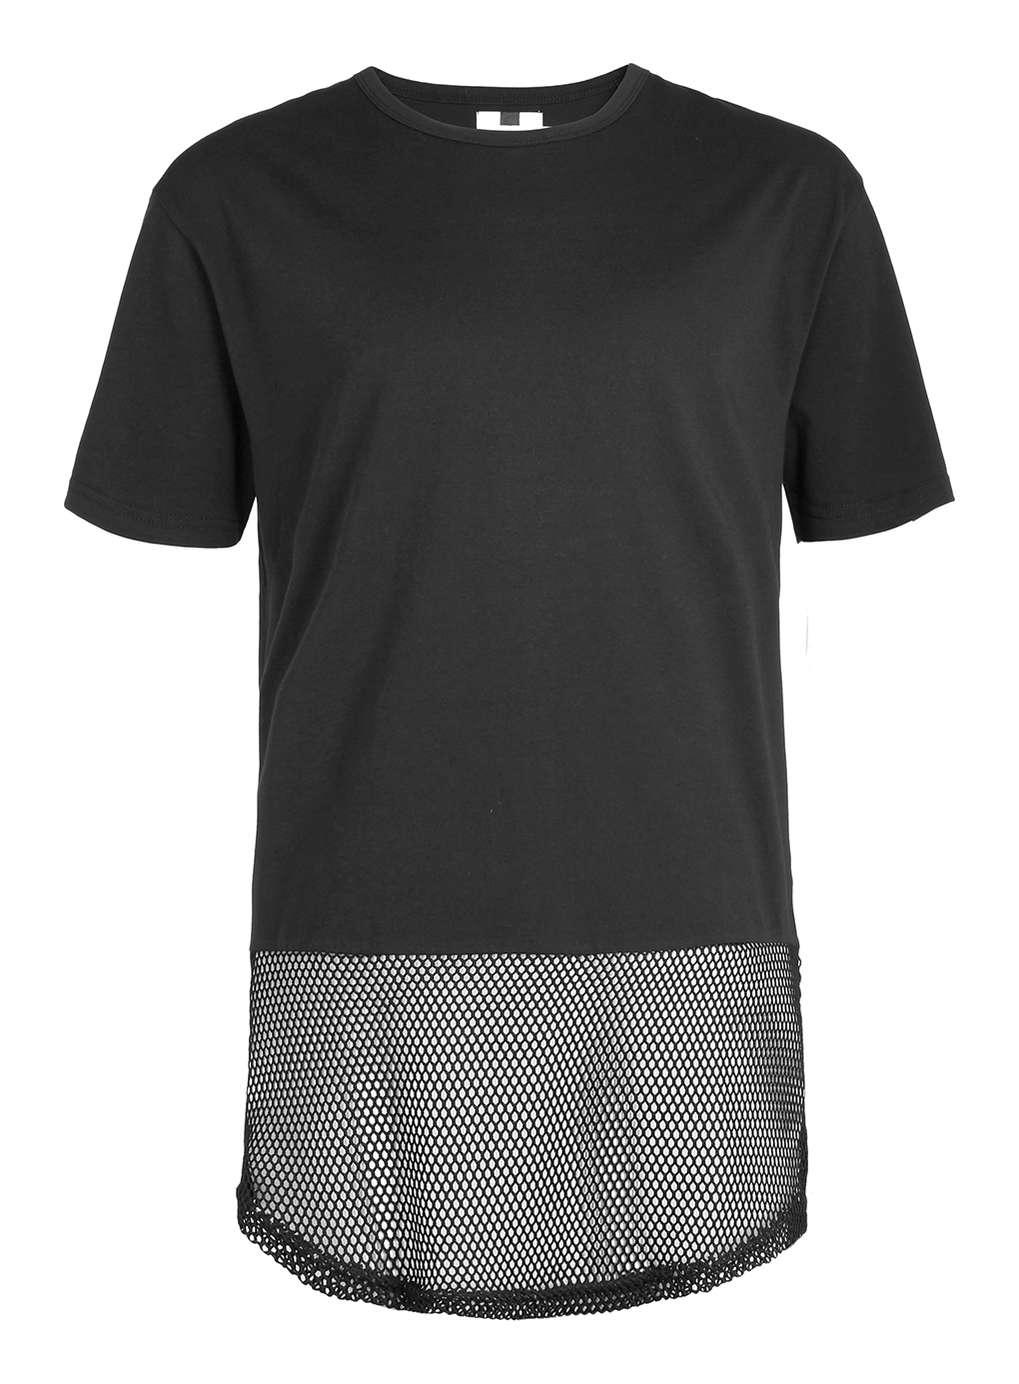 lyst topman black mesh long line t shirt in black for men. Black Bedroom Furniture Sets. Home Design Ideas